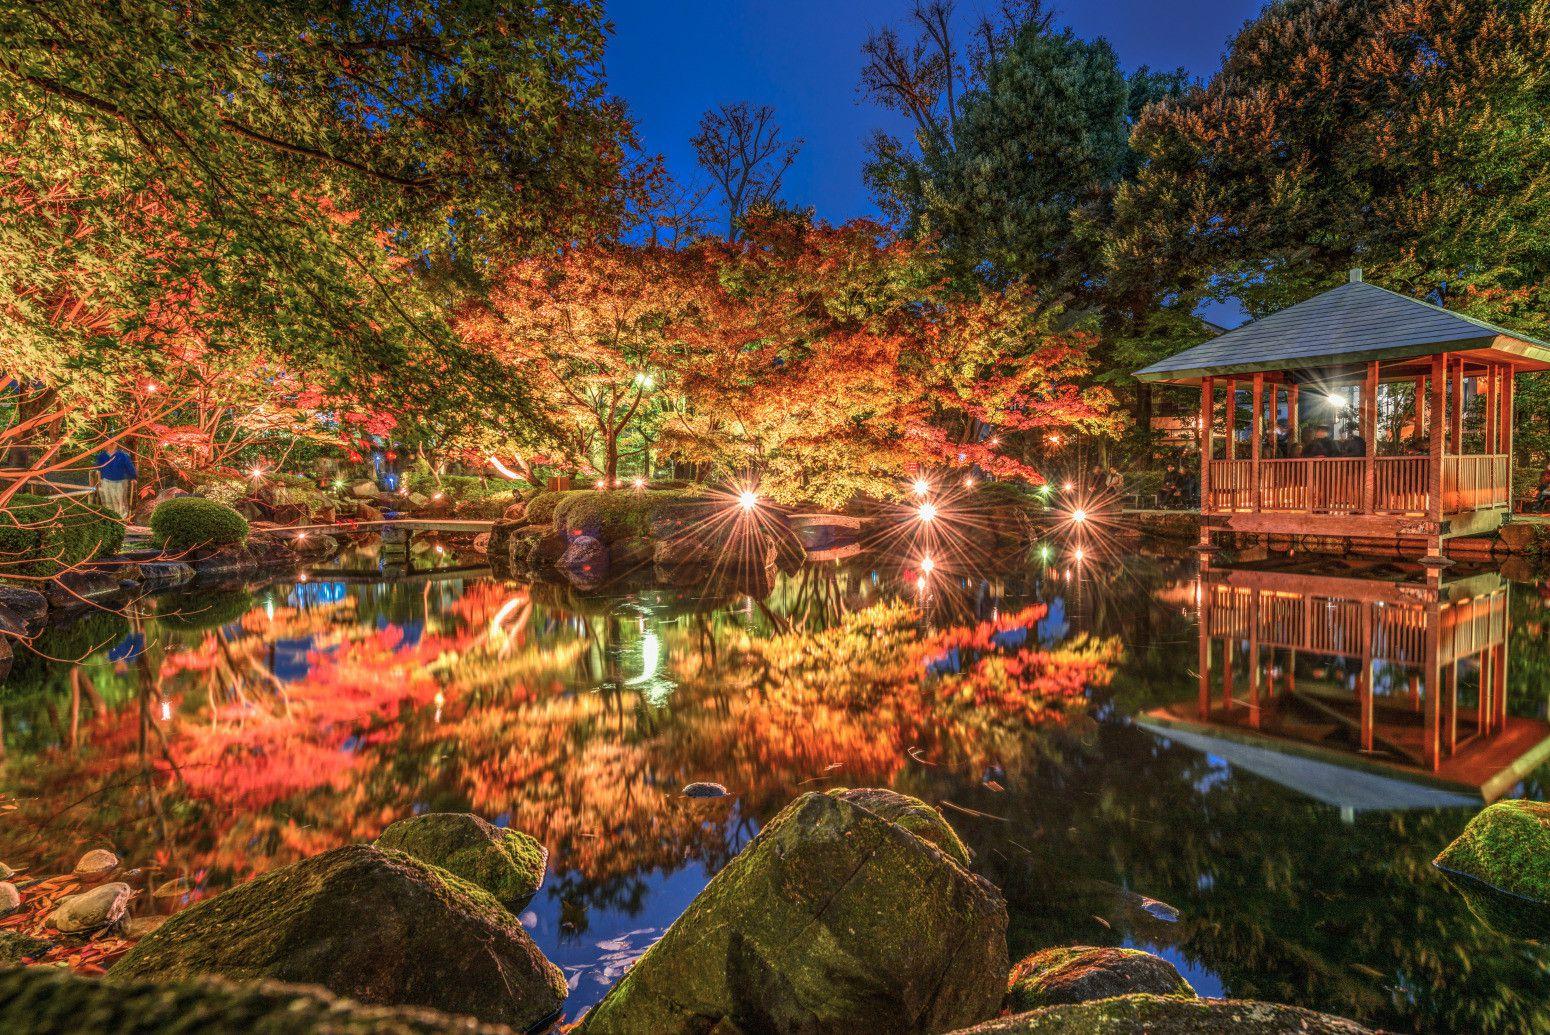 お金をかけずに、秋デートを楽しみたい!東京都内でおすすめの節約デートプラン7選